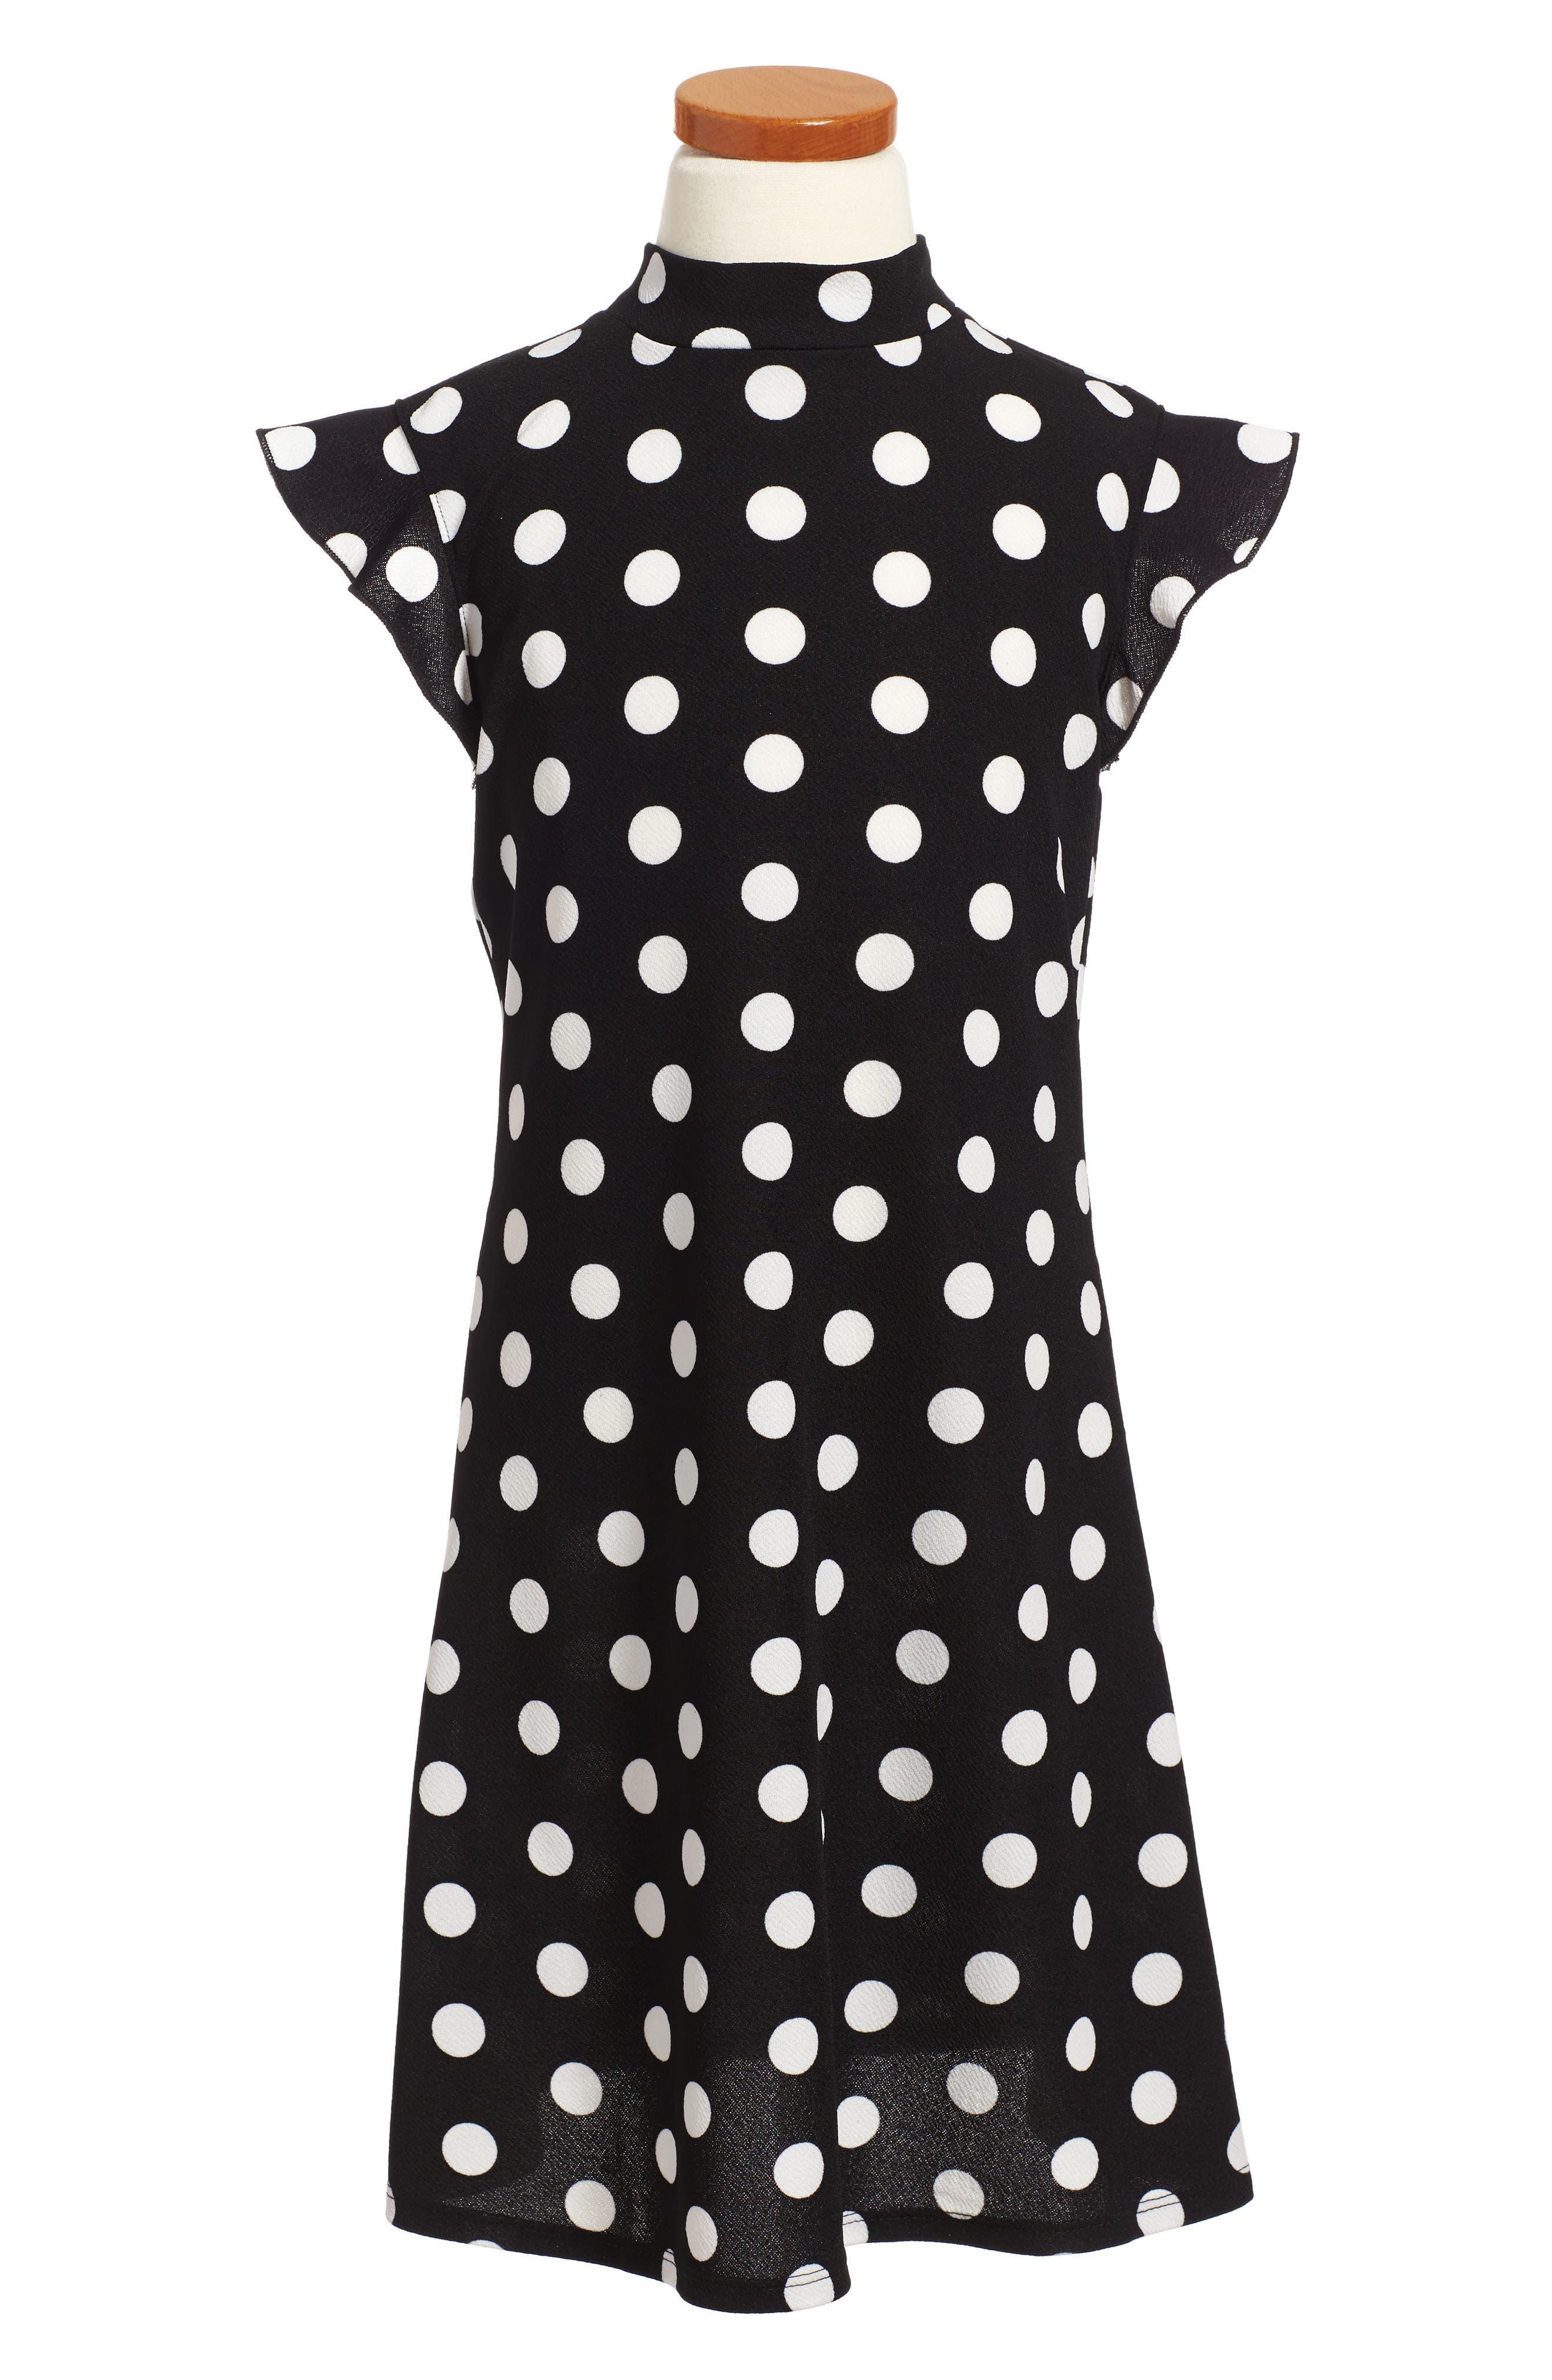 Polka Dot Dress,                             Main thumbnail 1, color,                             002